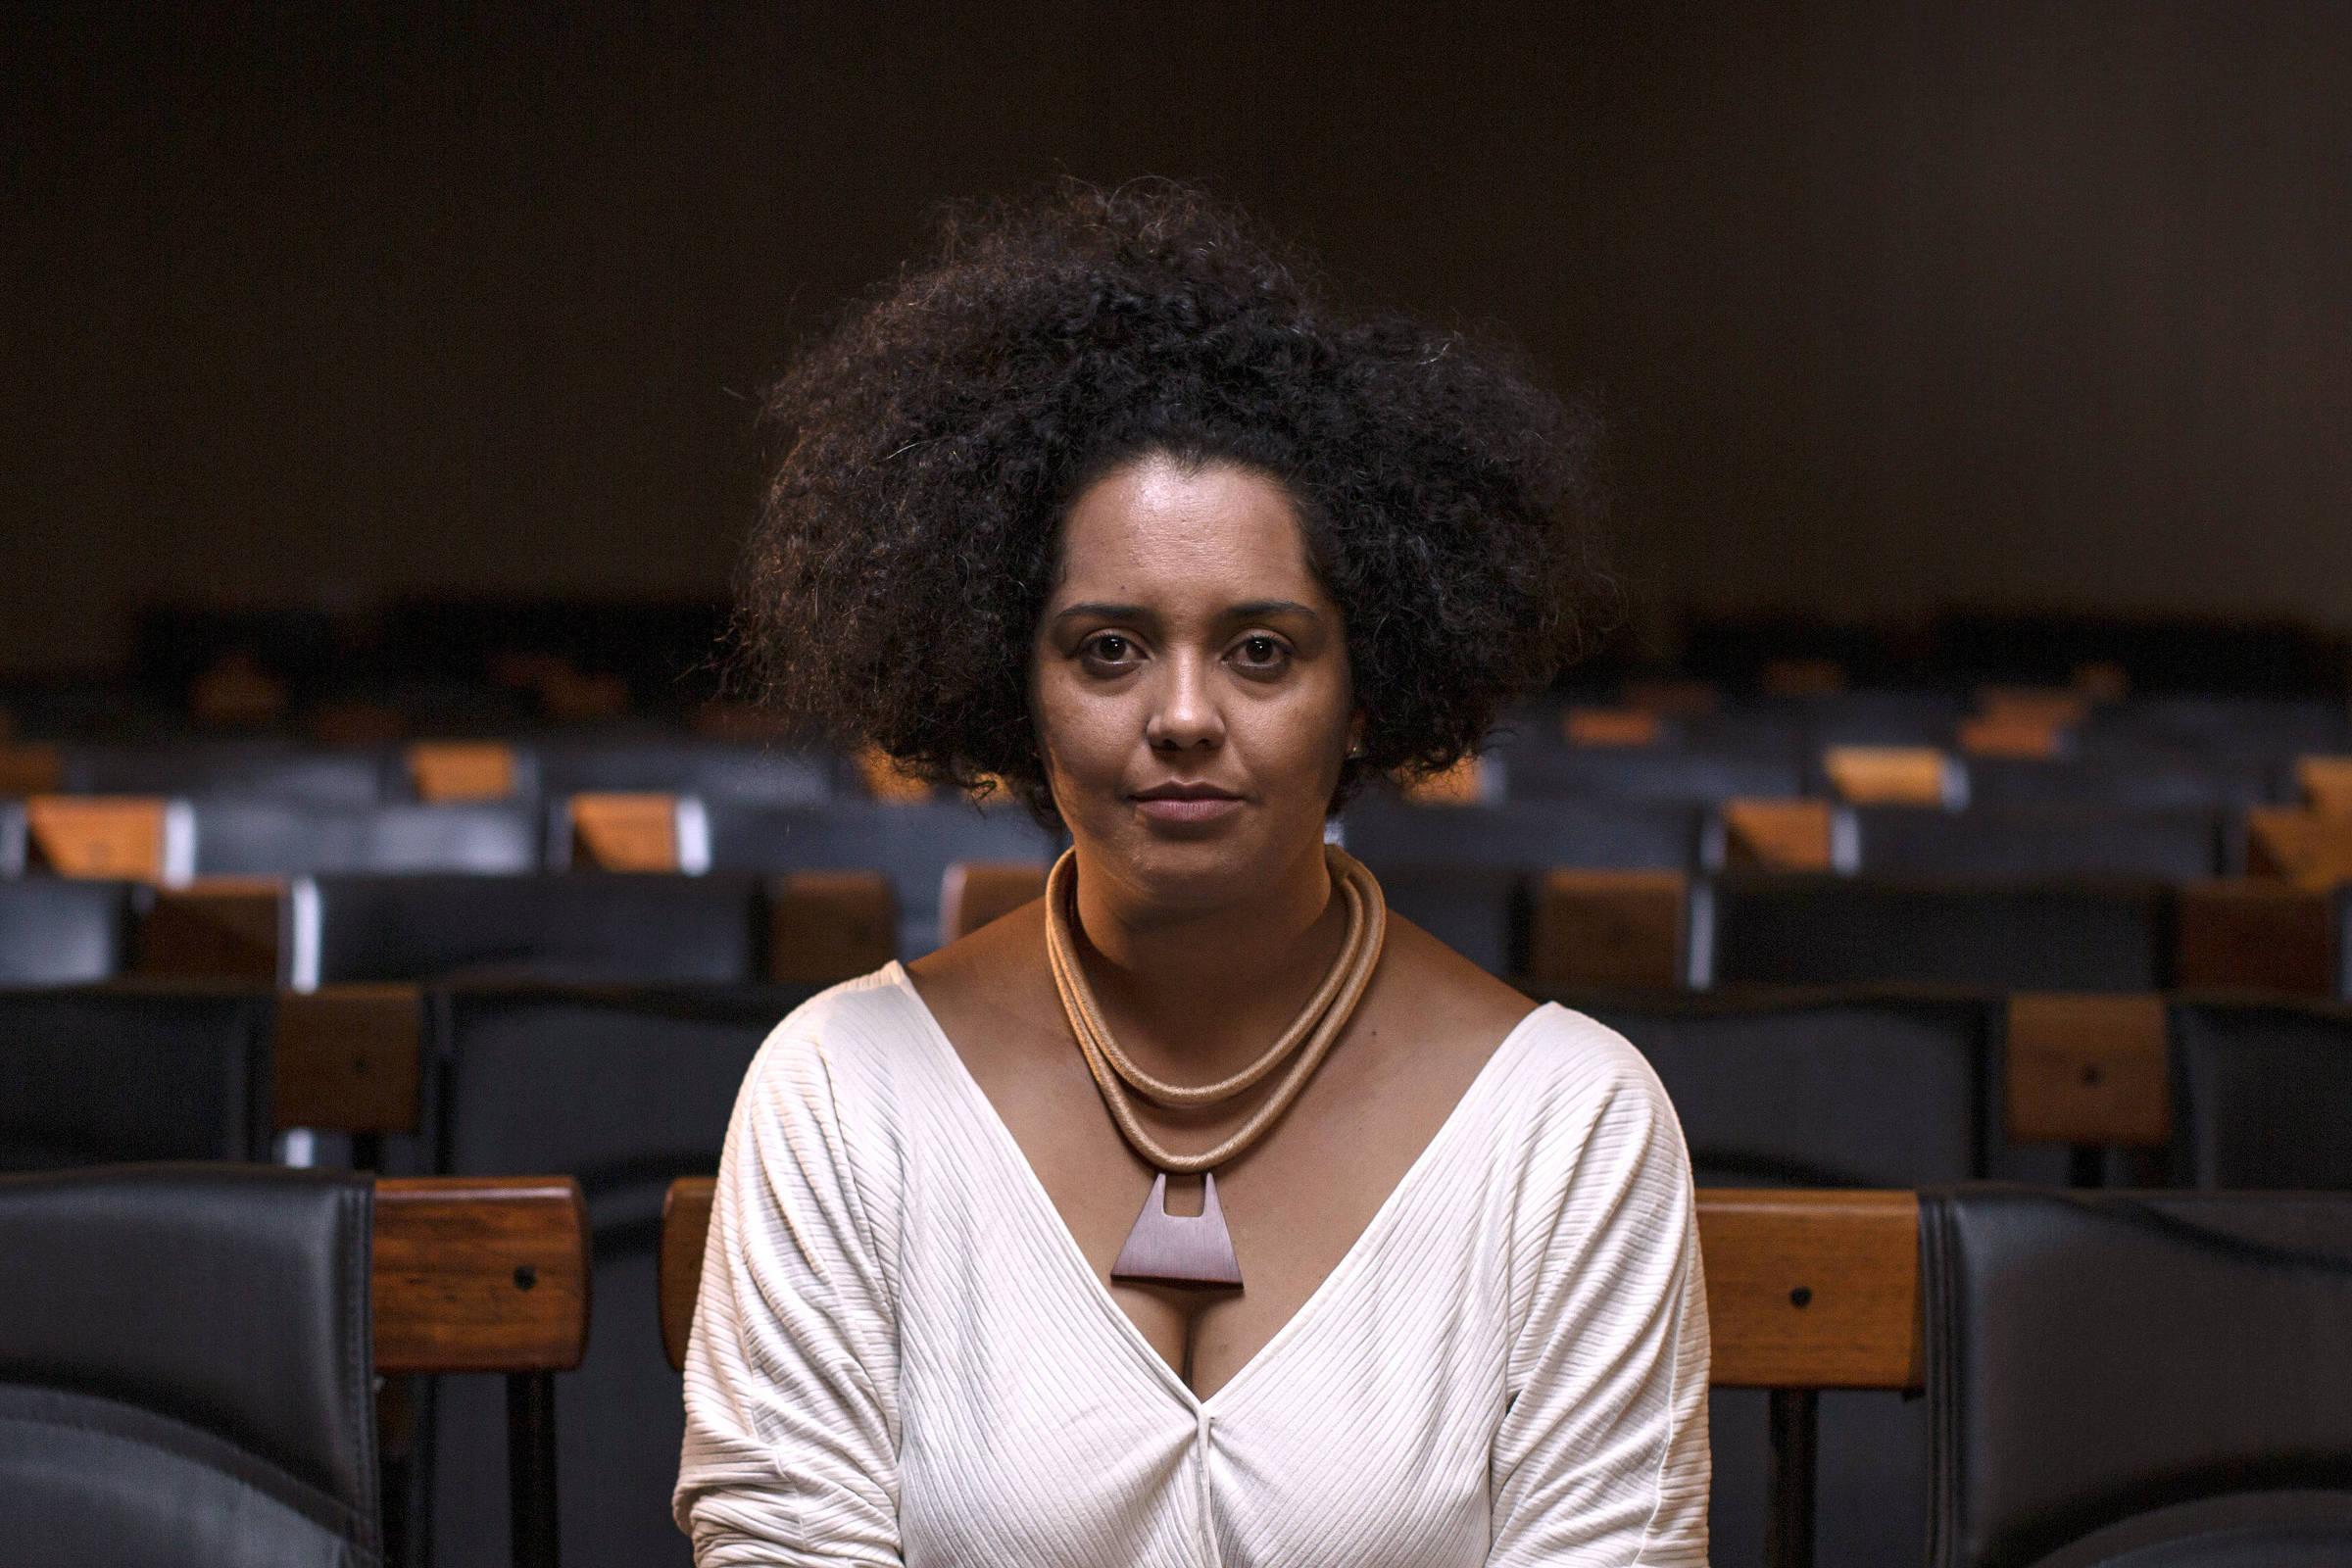 Bianca Santana, jornalista, cientista social e pesquisadora - Foto: Bruno Santos/Folhapress